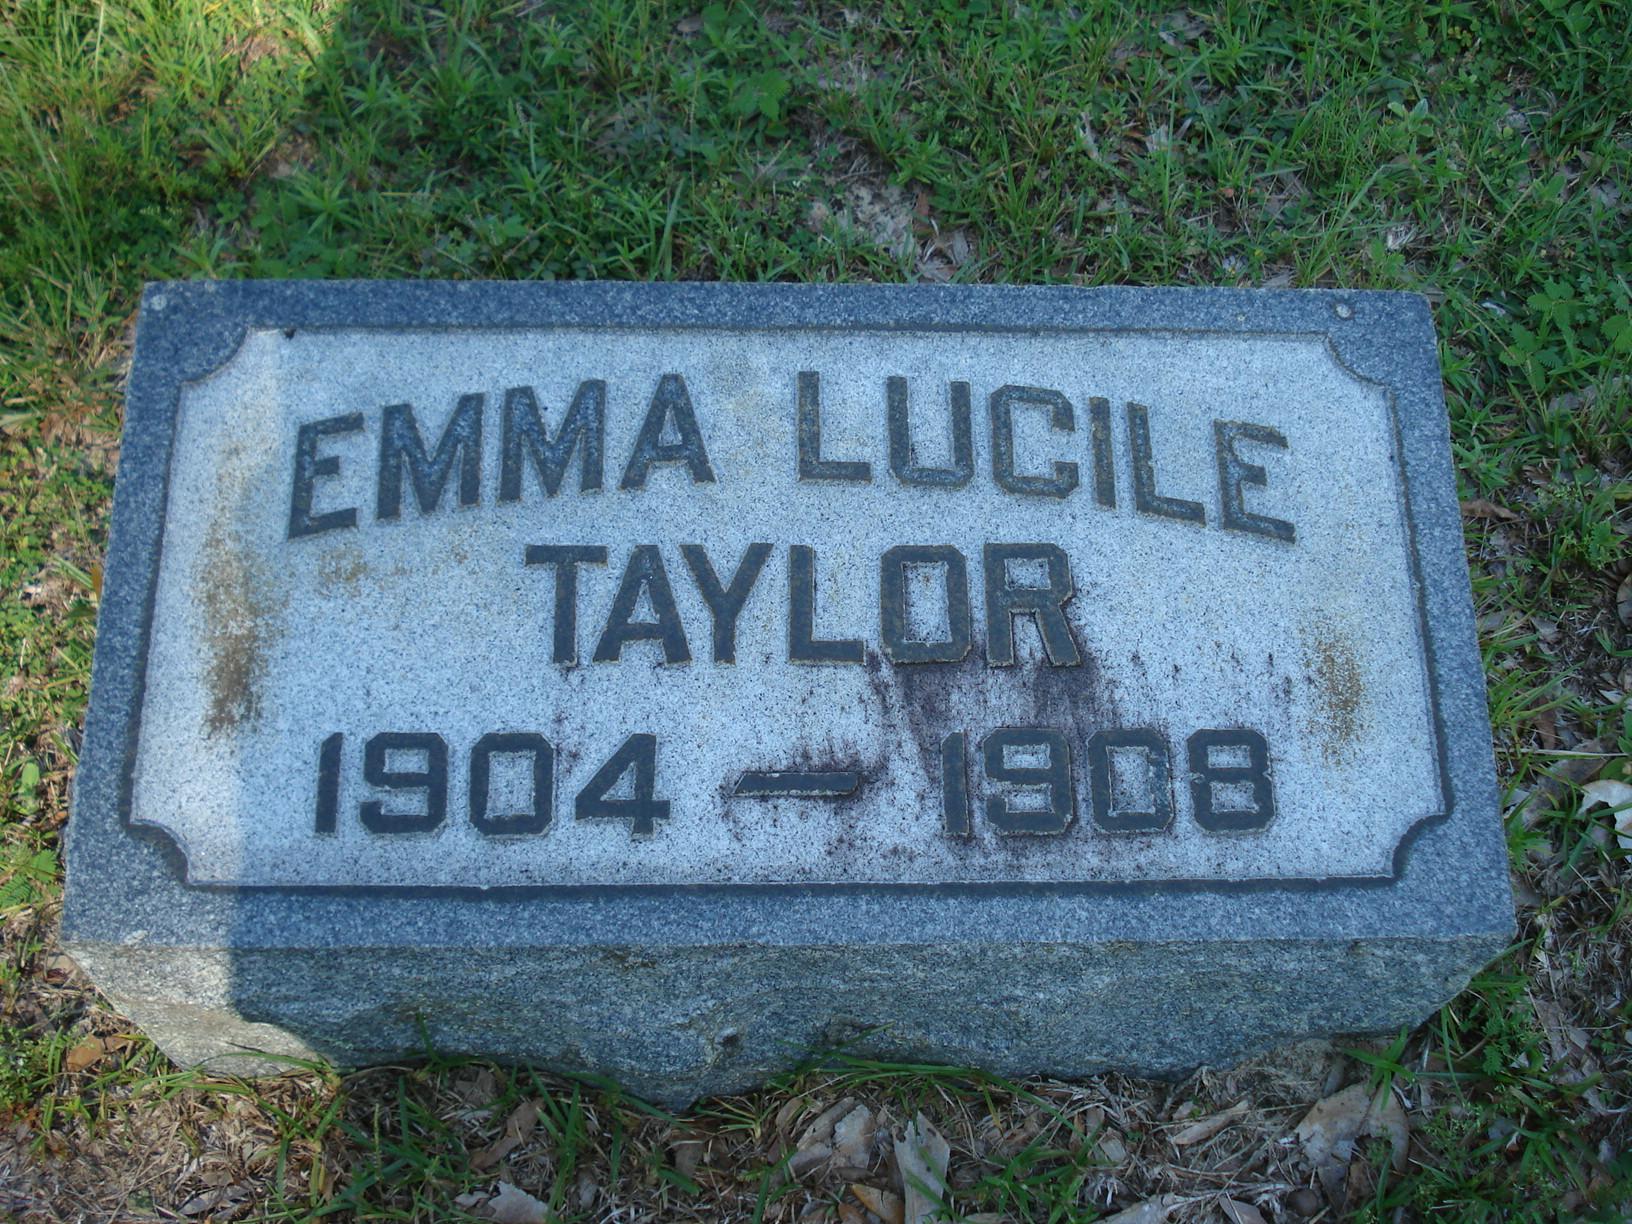 Emma Lucile Taylor